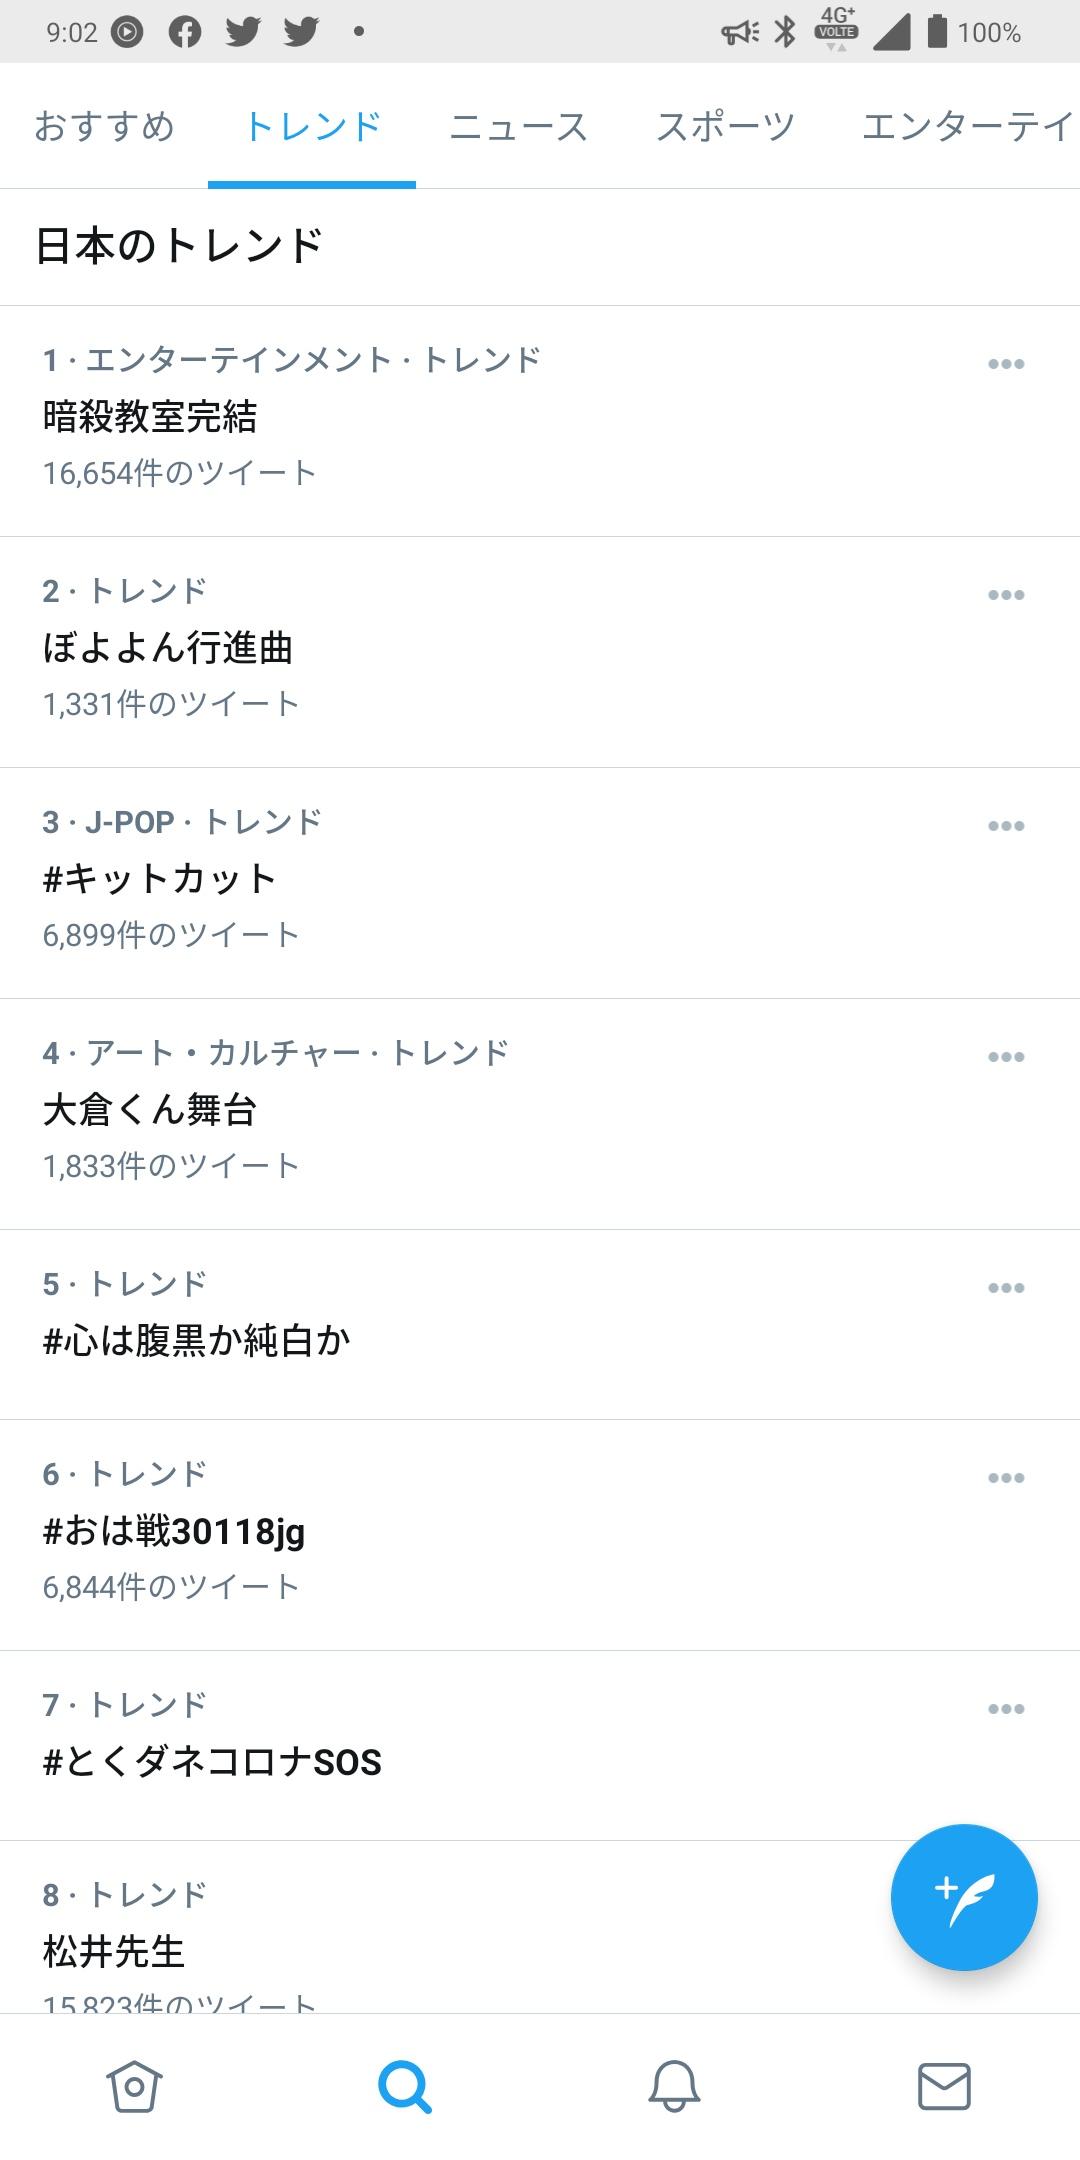 2021/01/18Twitterトレンドから